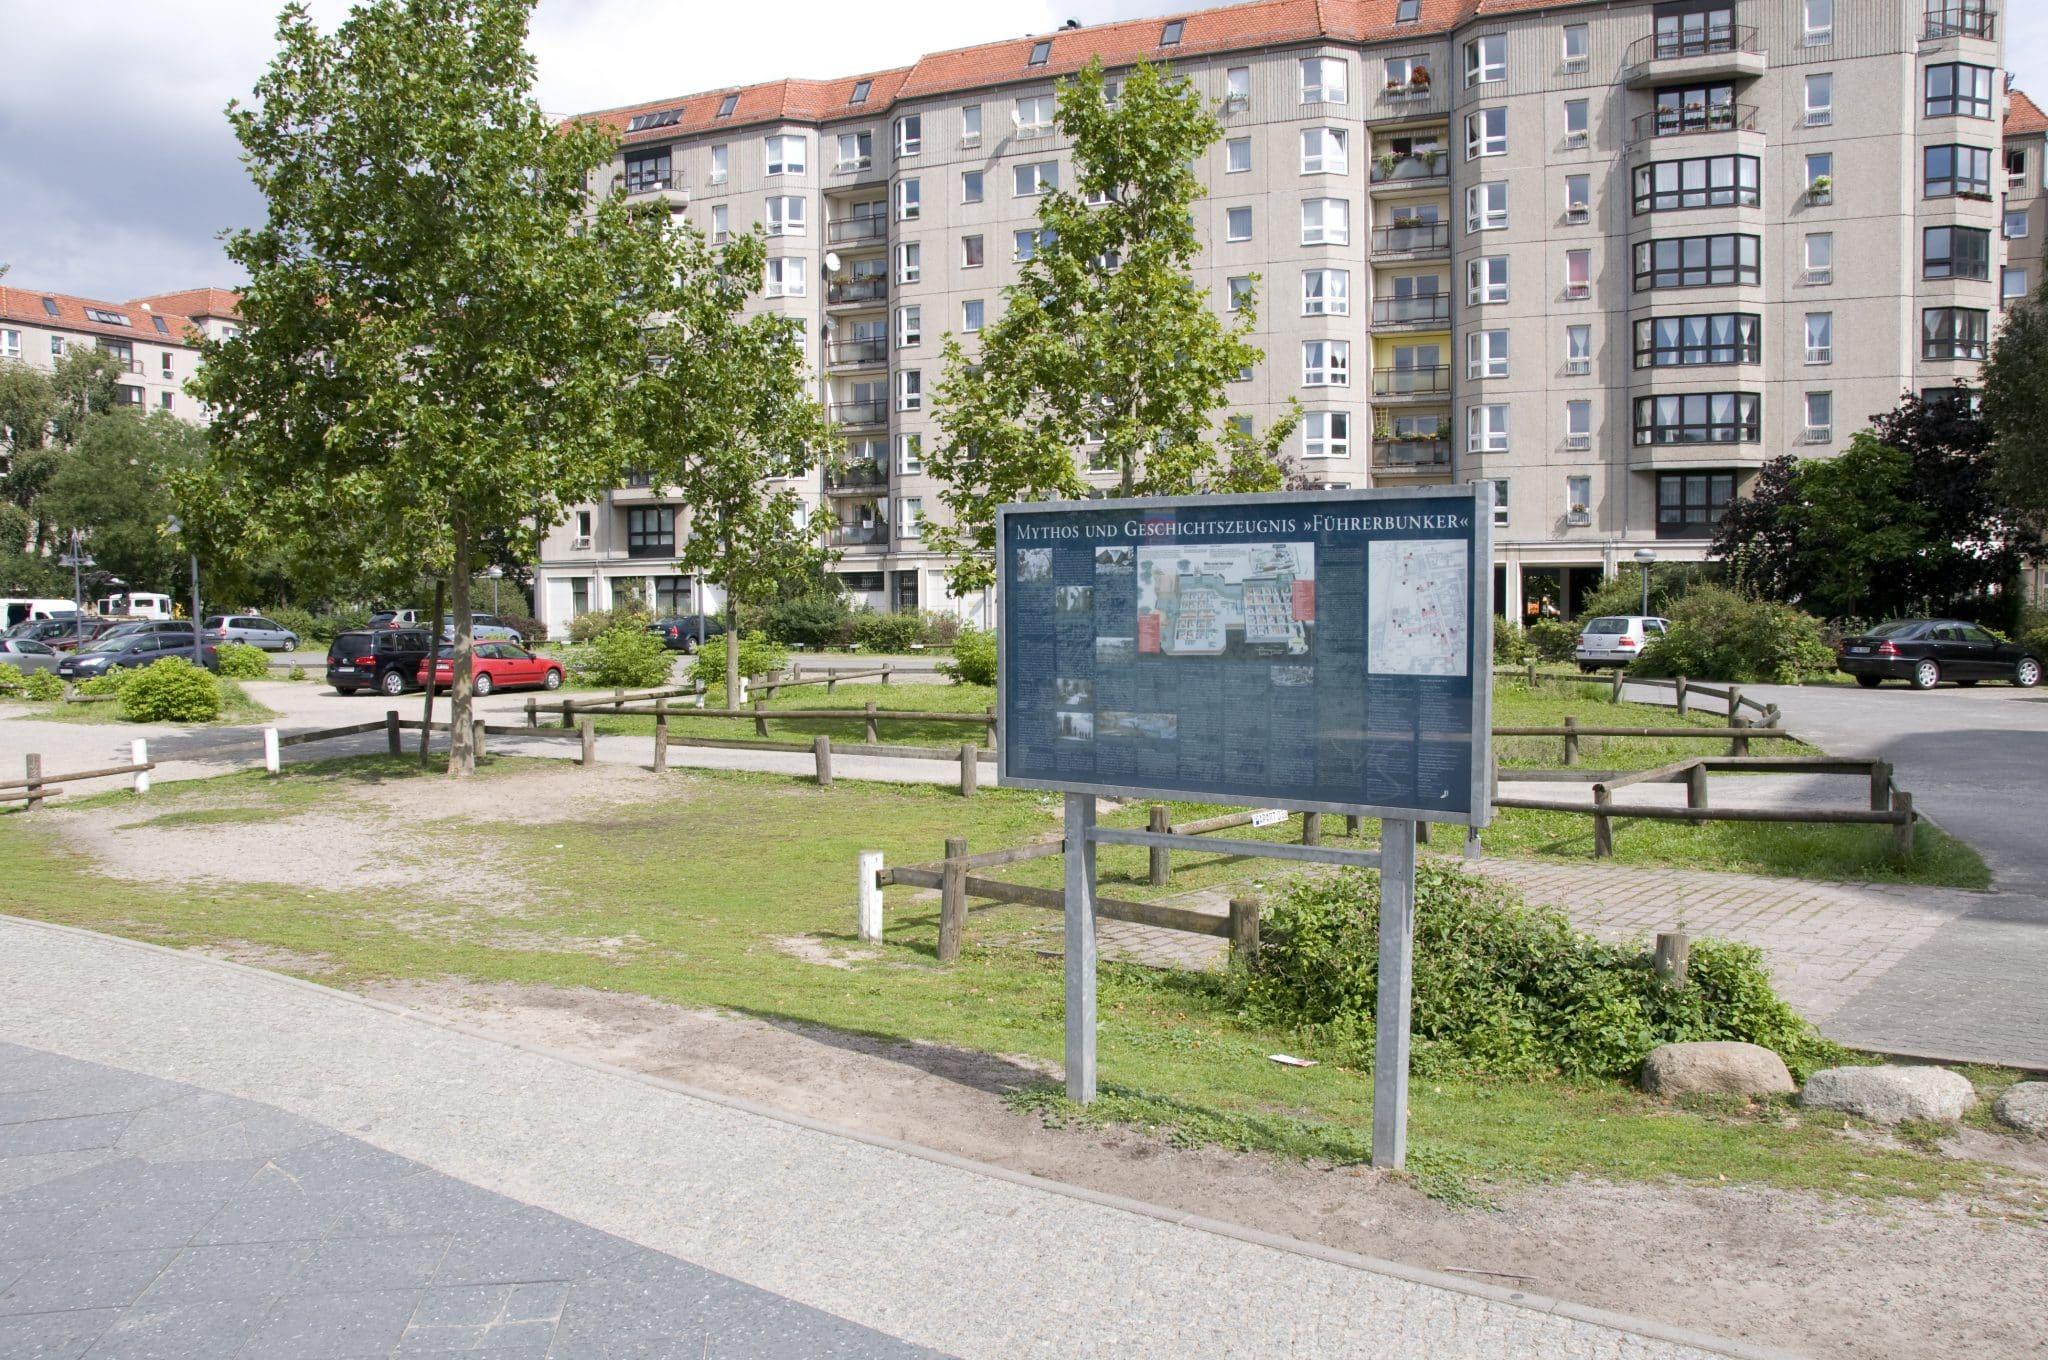 Führerbunker - Hitler's Bunker